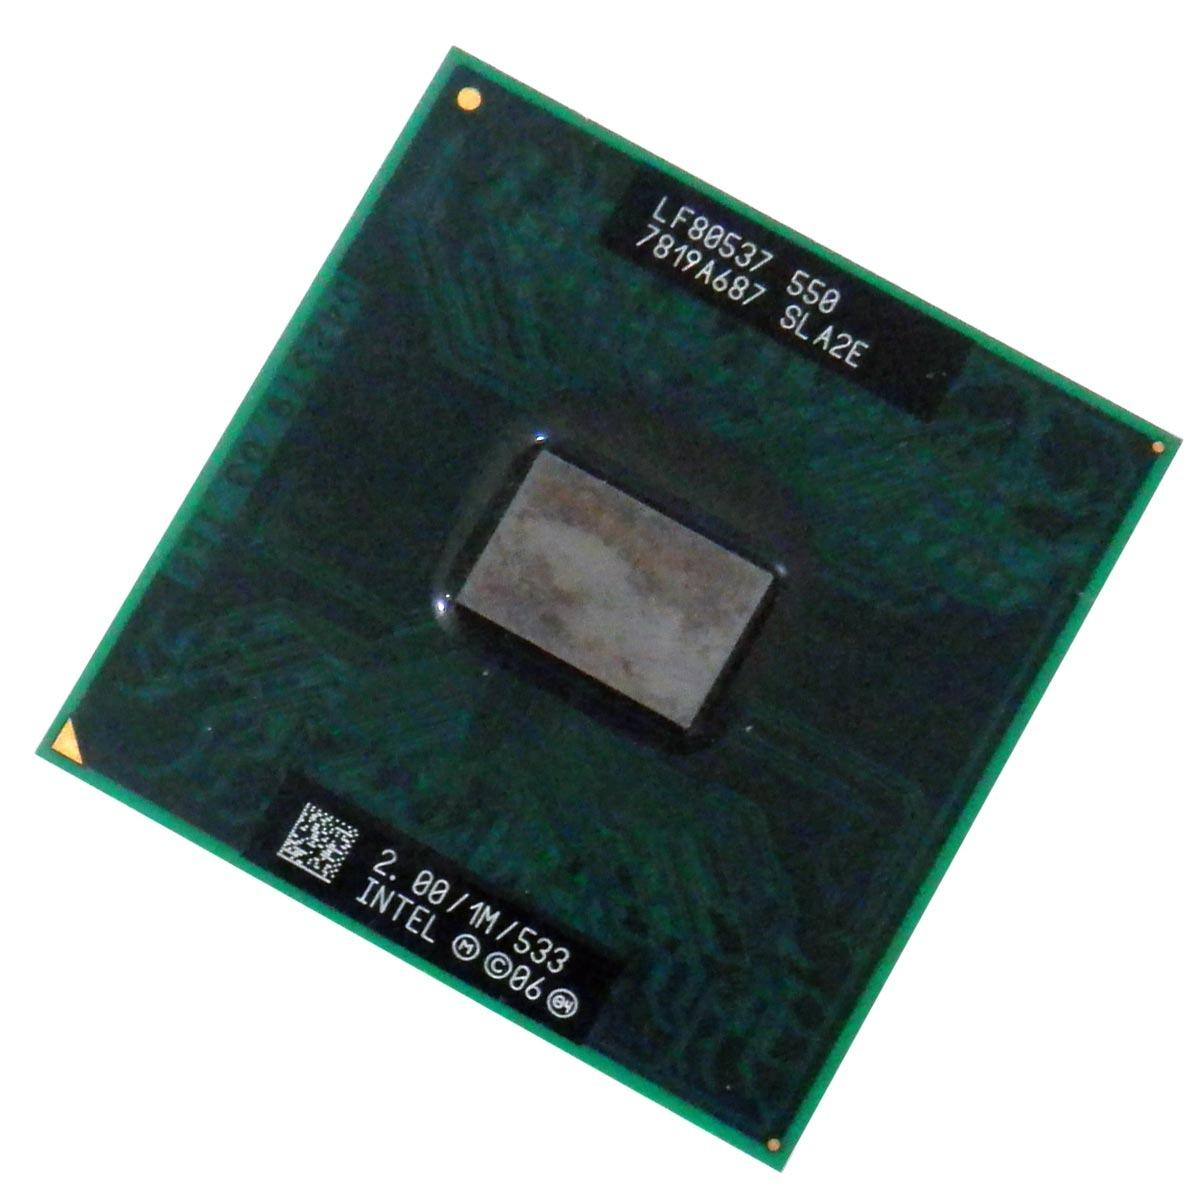 Processador Mobile Intel Celeron M550 2.00 GHz, 1M 533 MHz - Sla2e